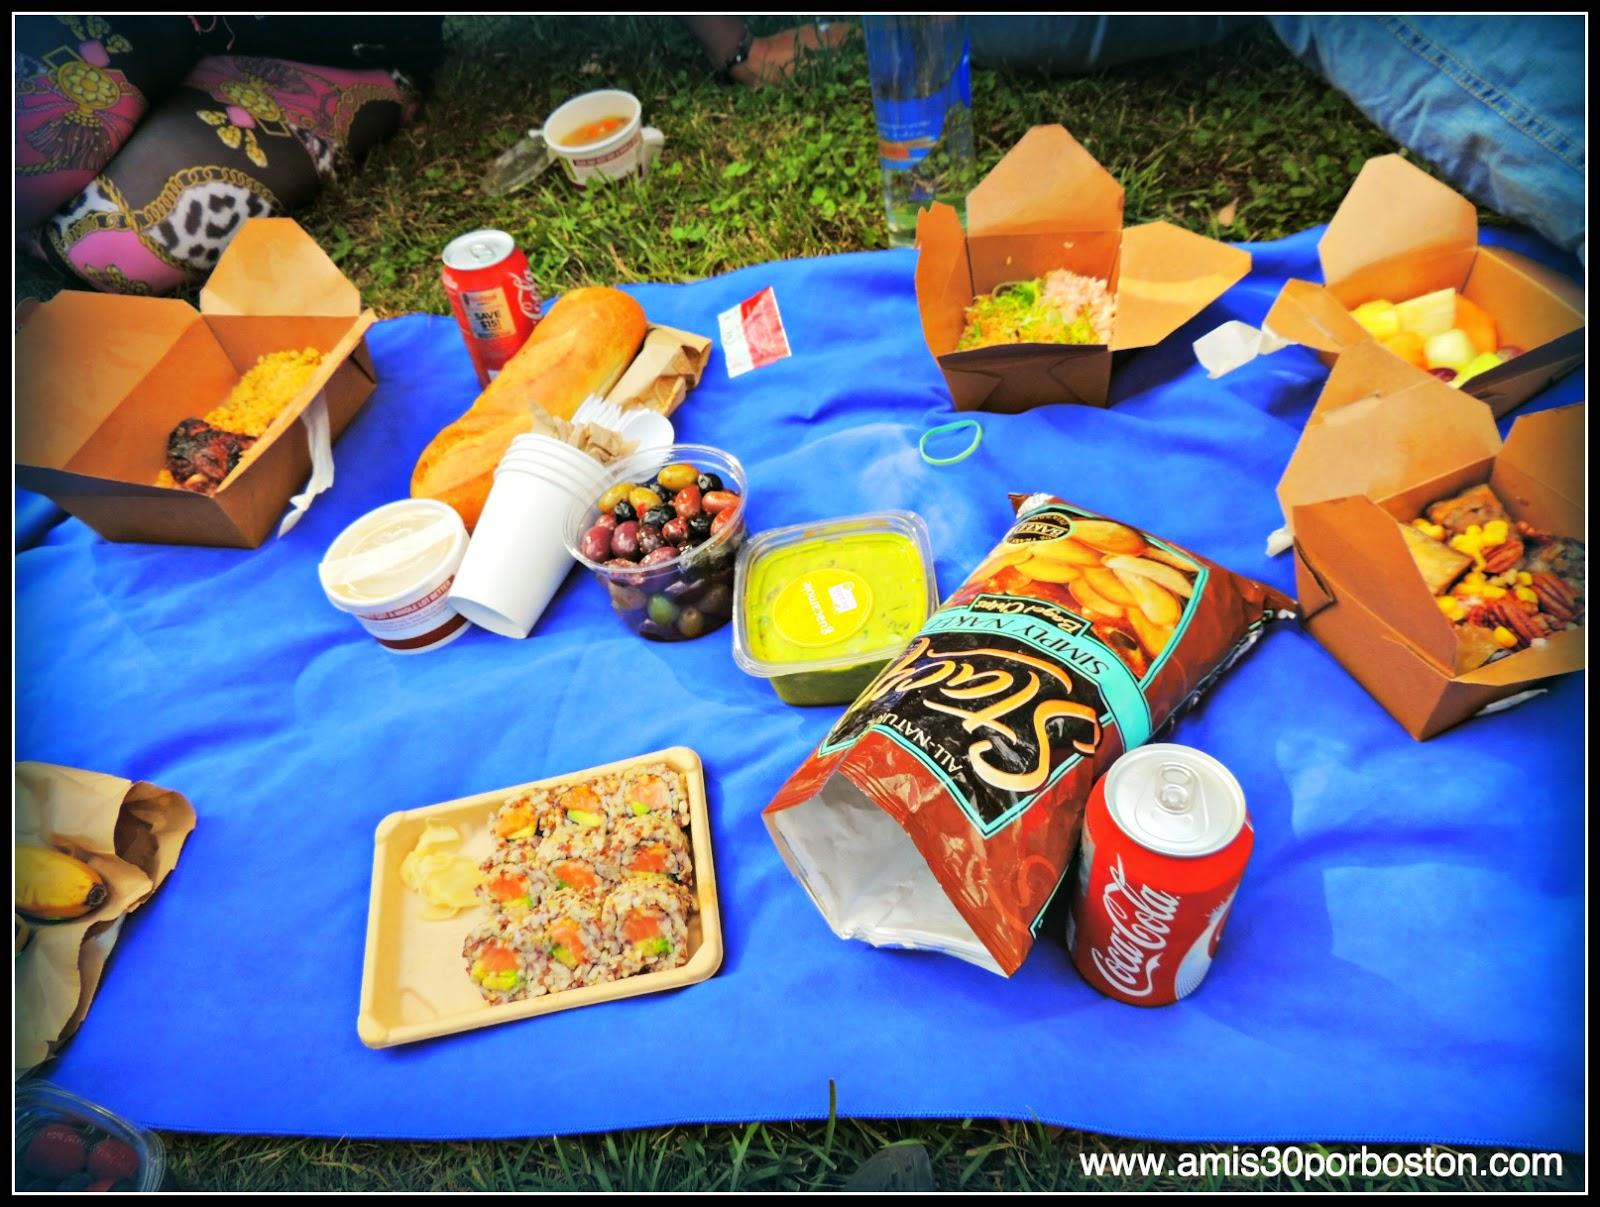 Segunda Visita a Nueva York: Picnic en Central Park